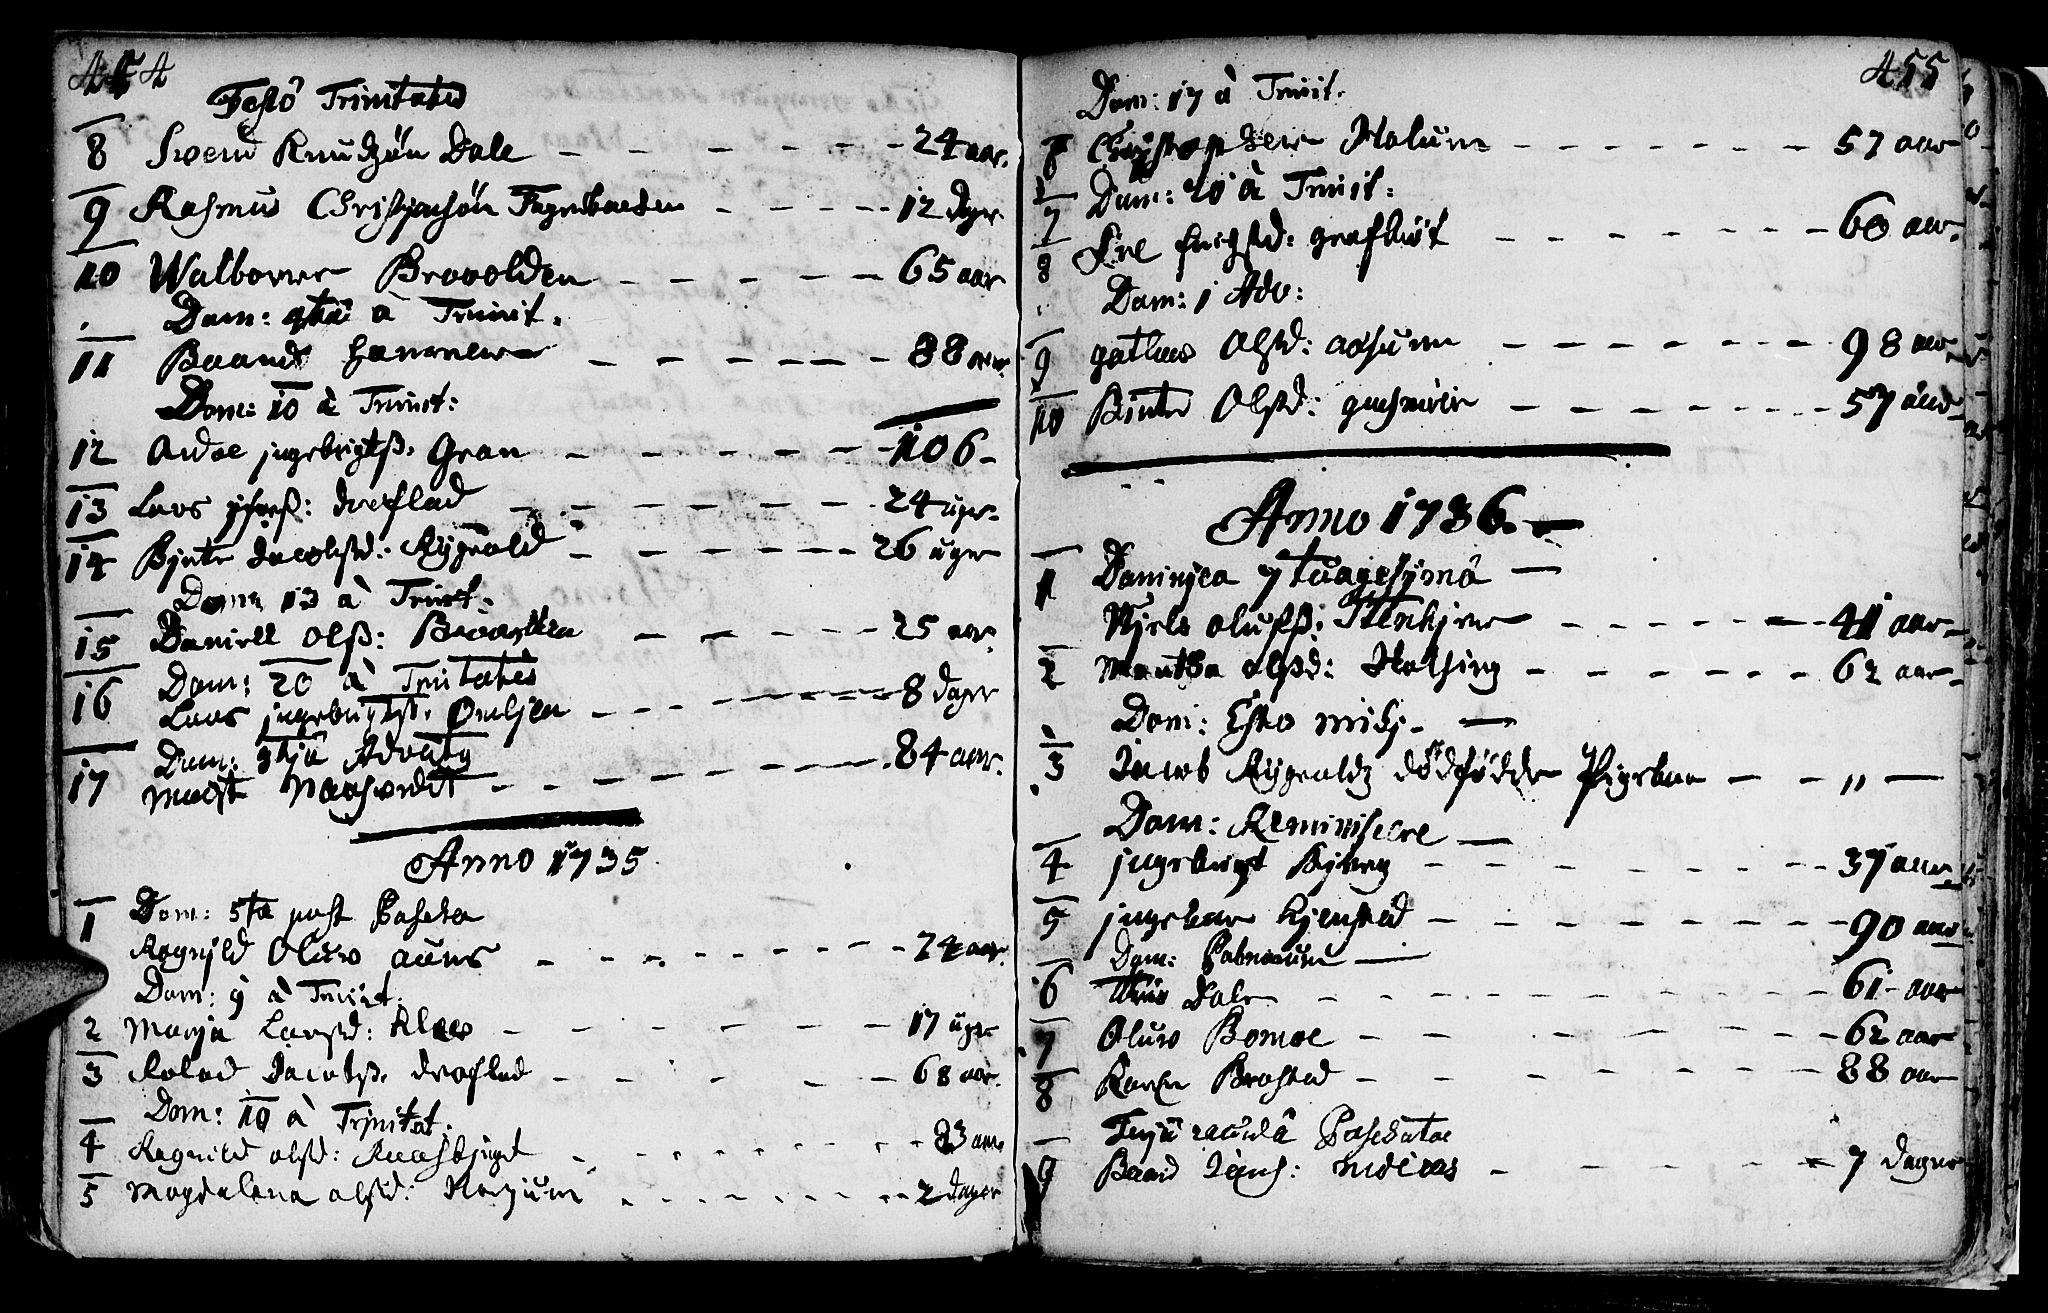 SAT, Ministerialprotokoller, klokkerbøker og fødselsregistre - Nord-Trøndelag, 749/L0467: Ministerialbok nr. 749A01, 1733-1787, s. 454-455